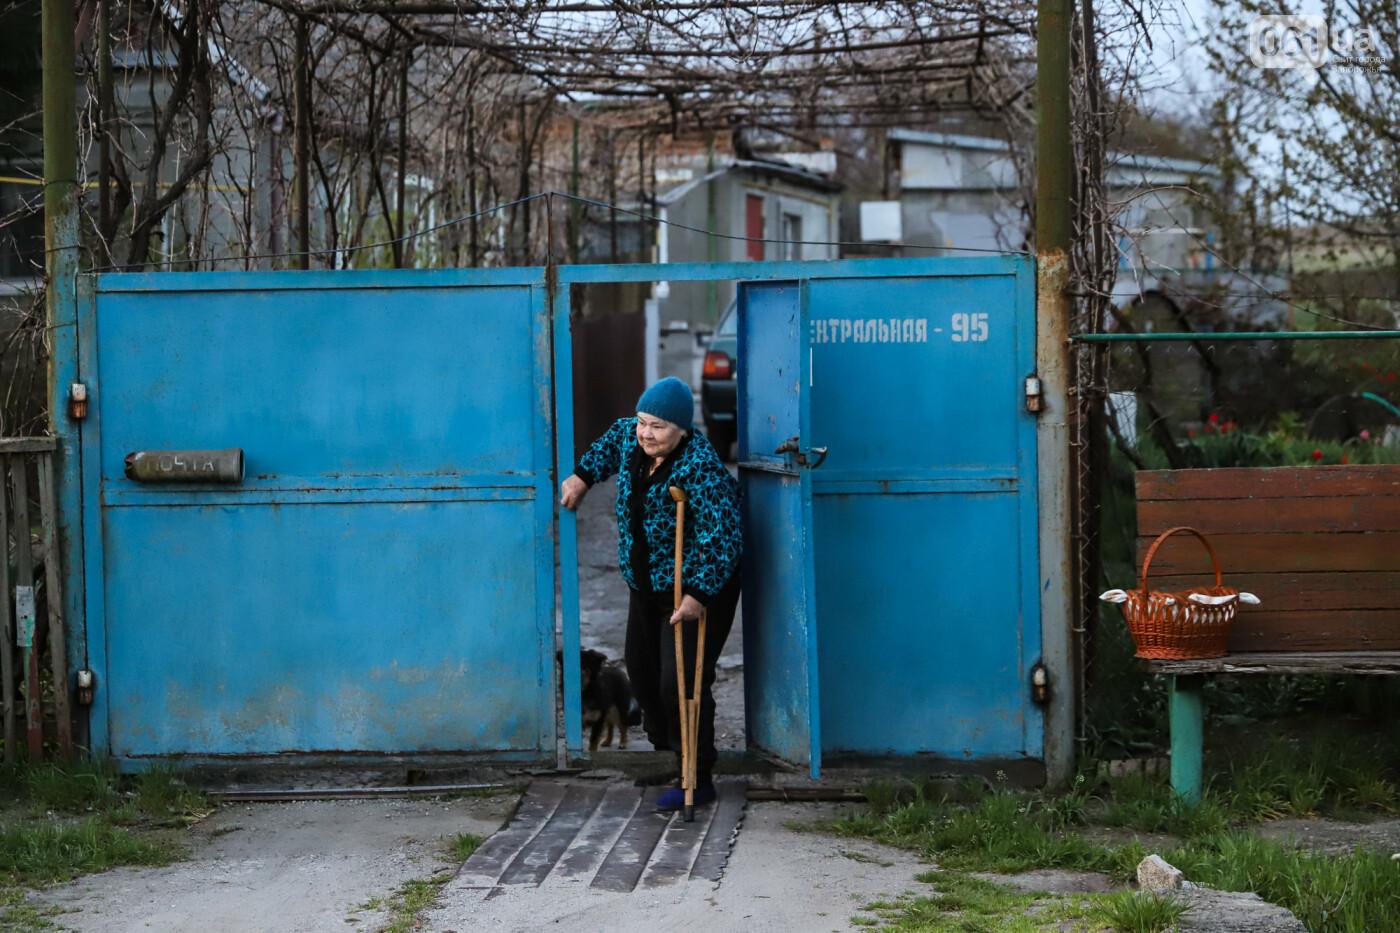 Освящение пасок у дворов на сельских улицах и полицейские возле храмов вместо прихожан: как празднуют Пасху в Запорожье, - ФОТОРЕПОРТАЖ, фото-16